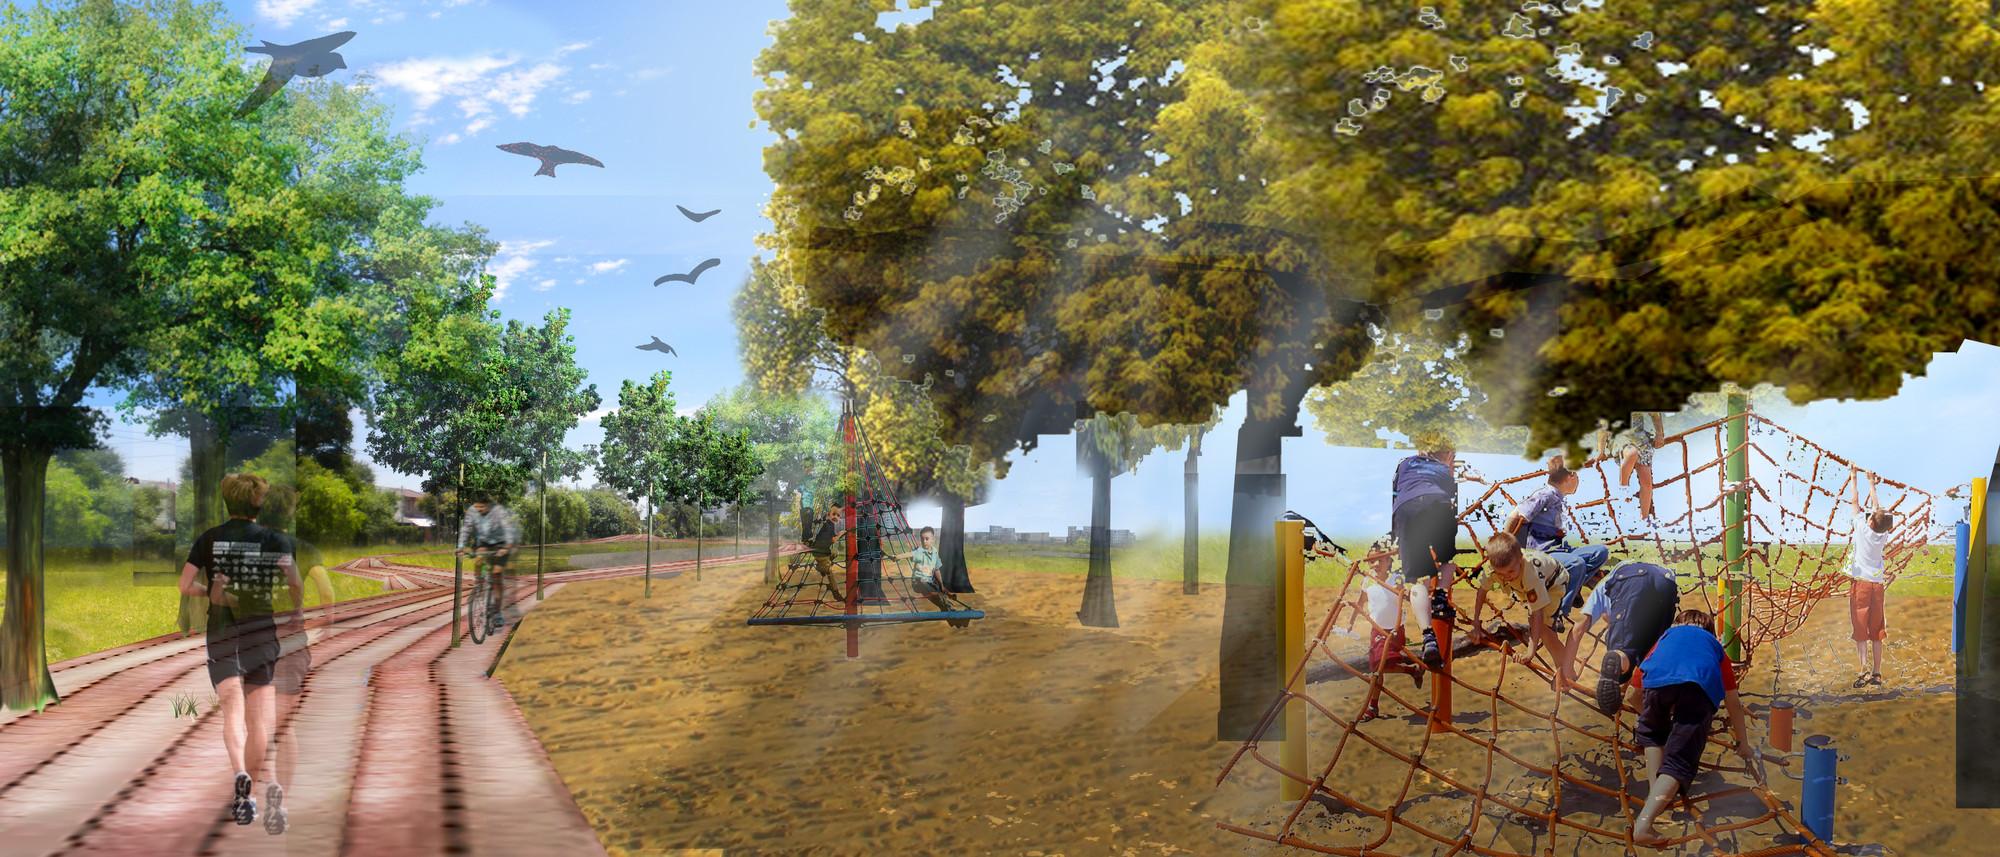 Tercer Lugar Concurso Parque Lineal Quilmes Plataforma Arquitectura